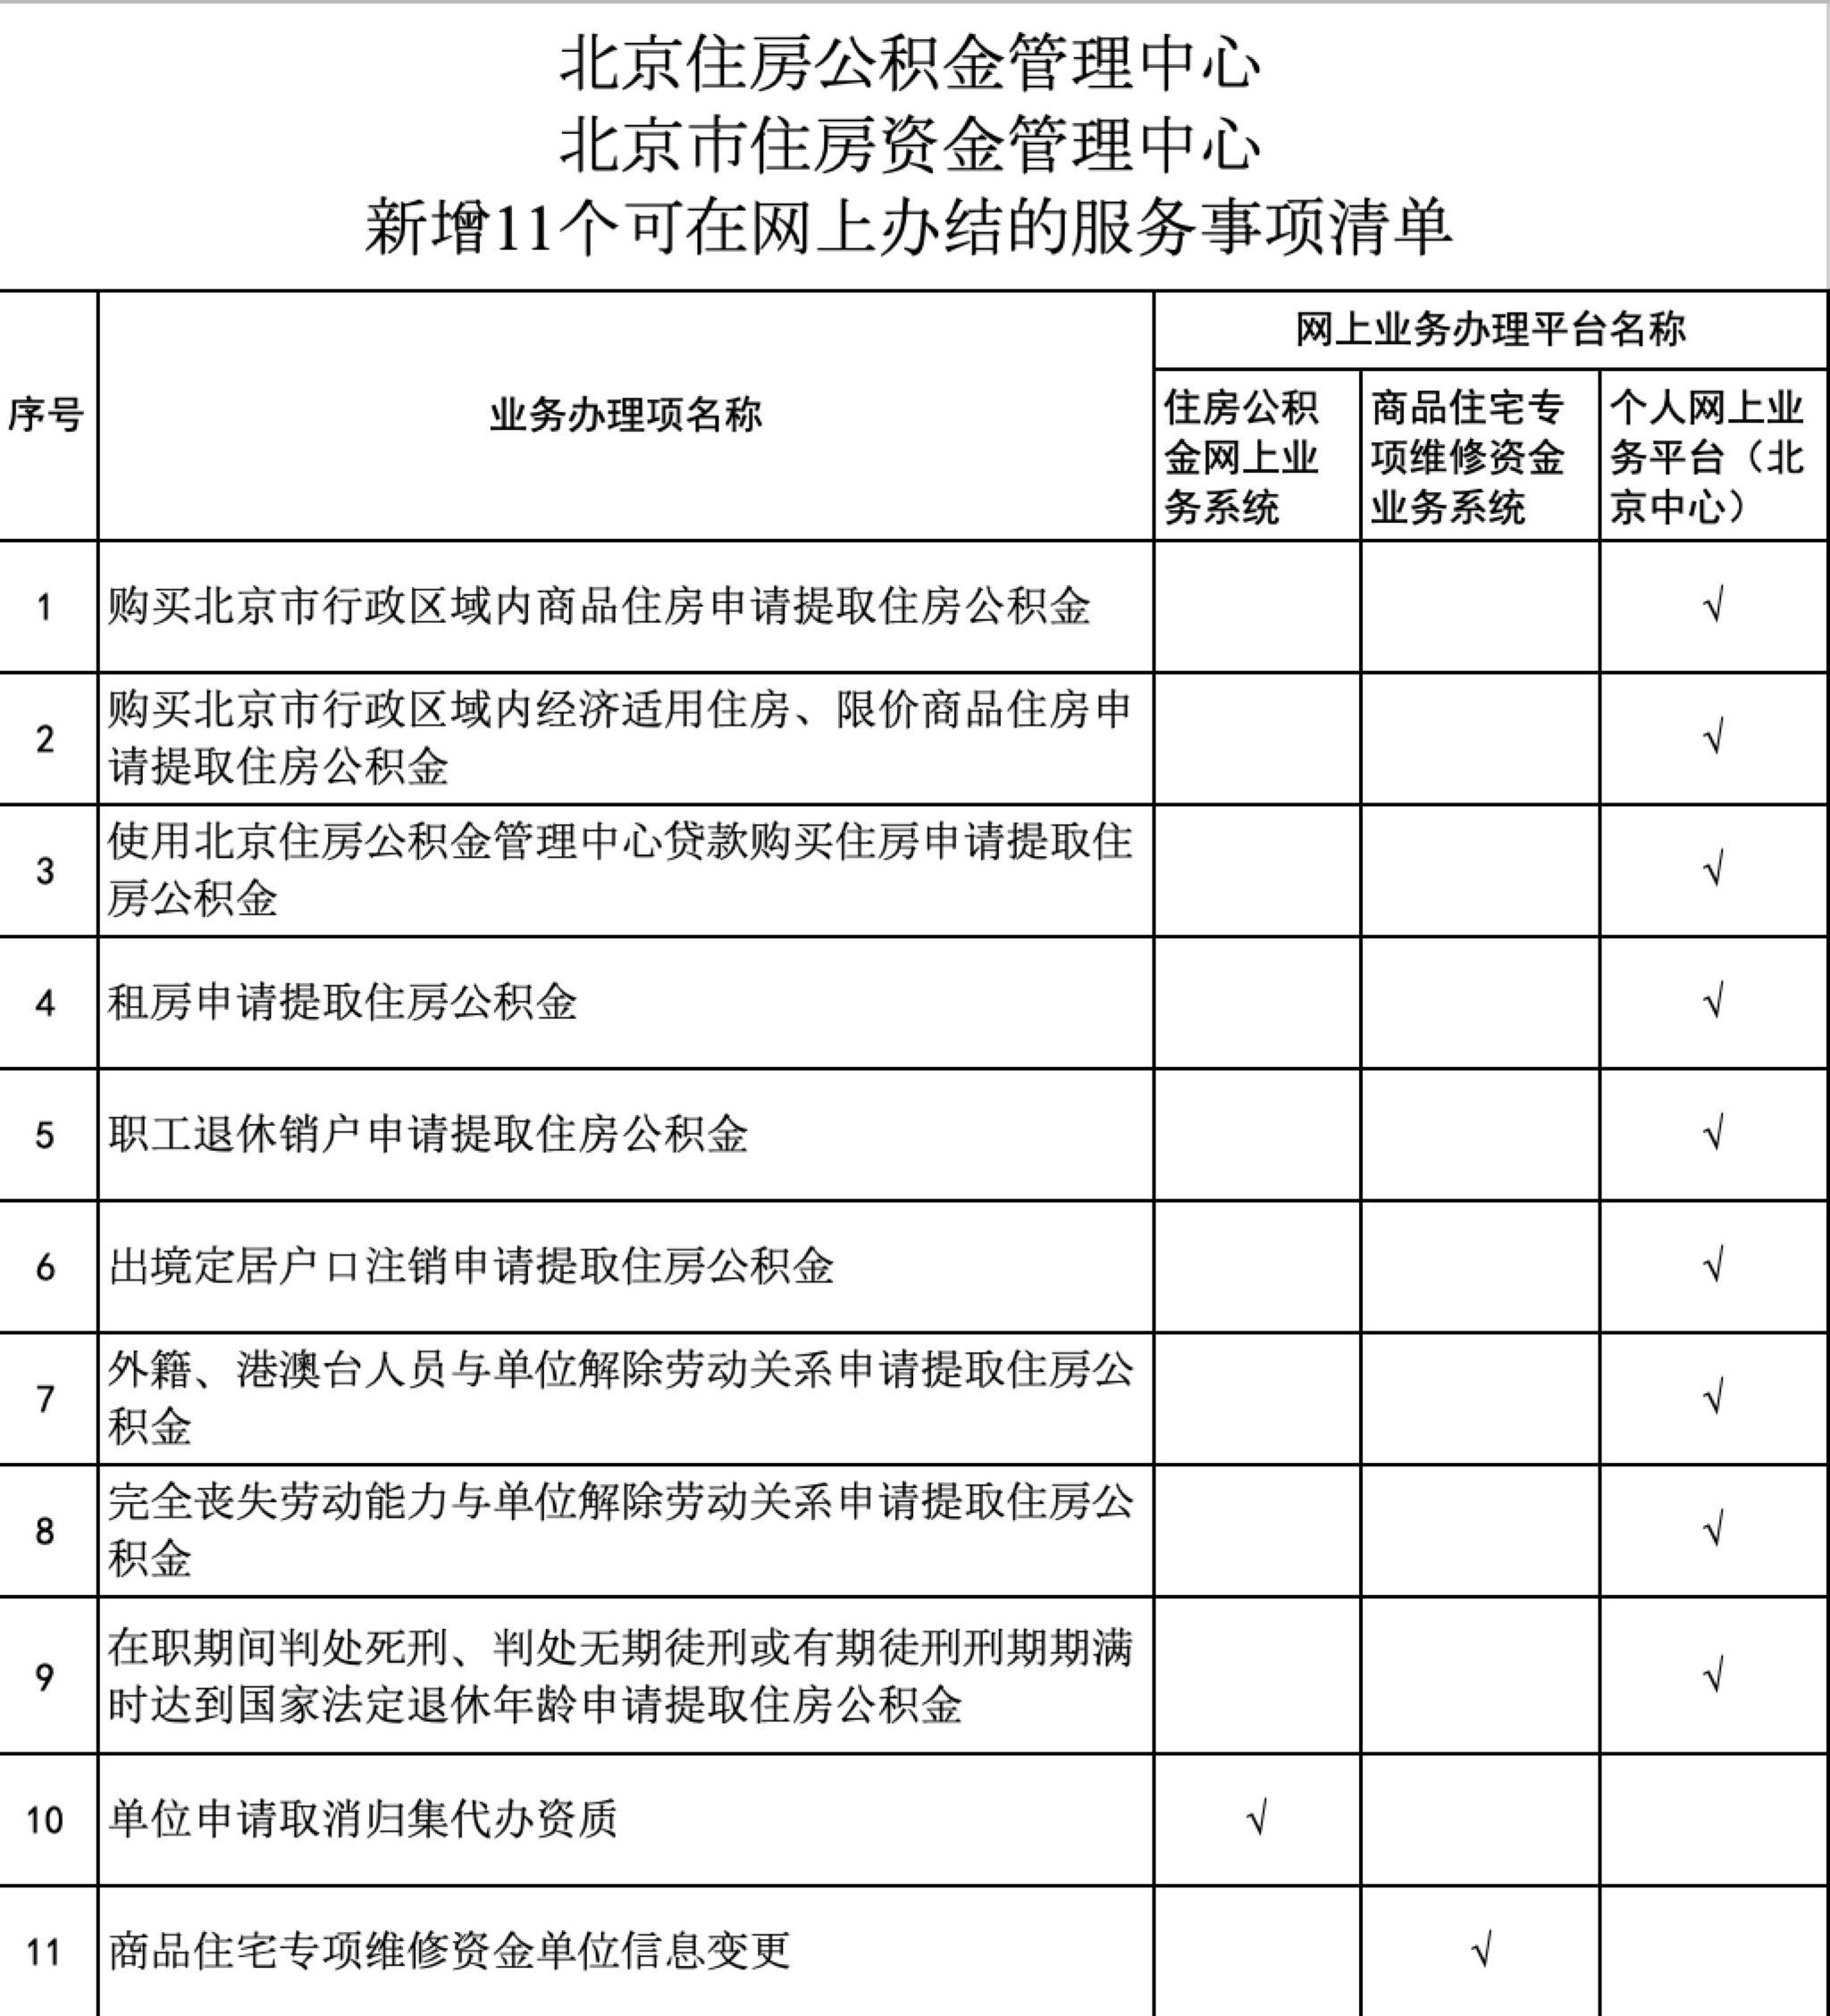 新规 北京买房租房提取公积金可以本人网上办理图片